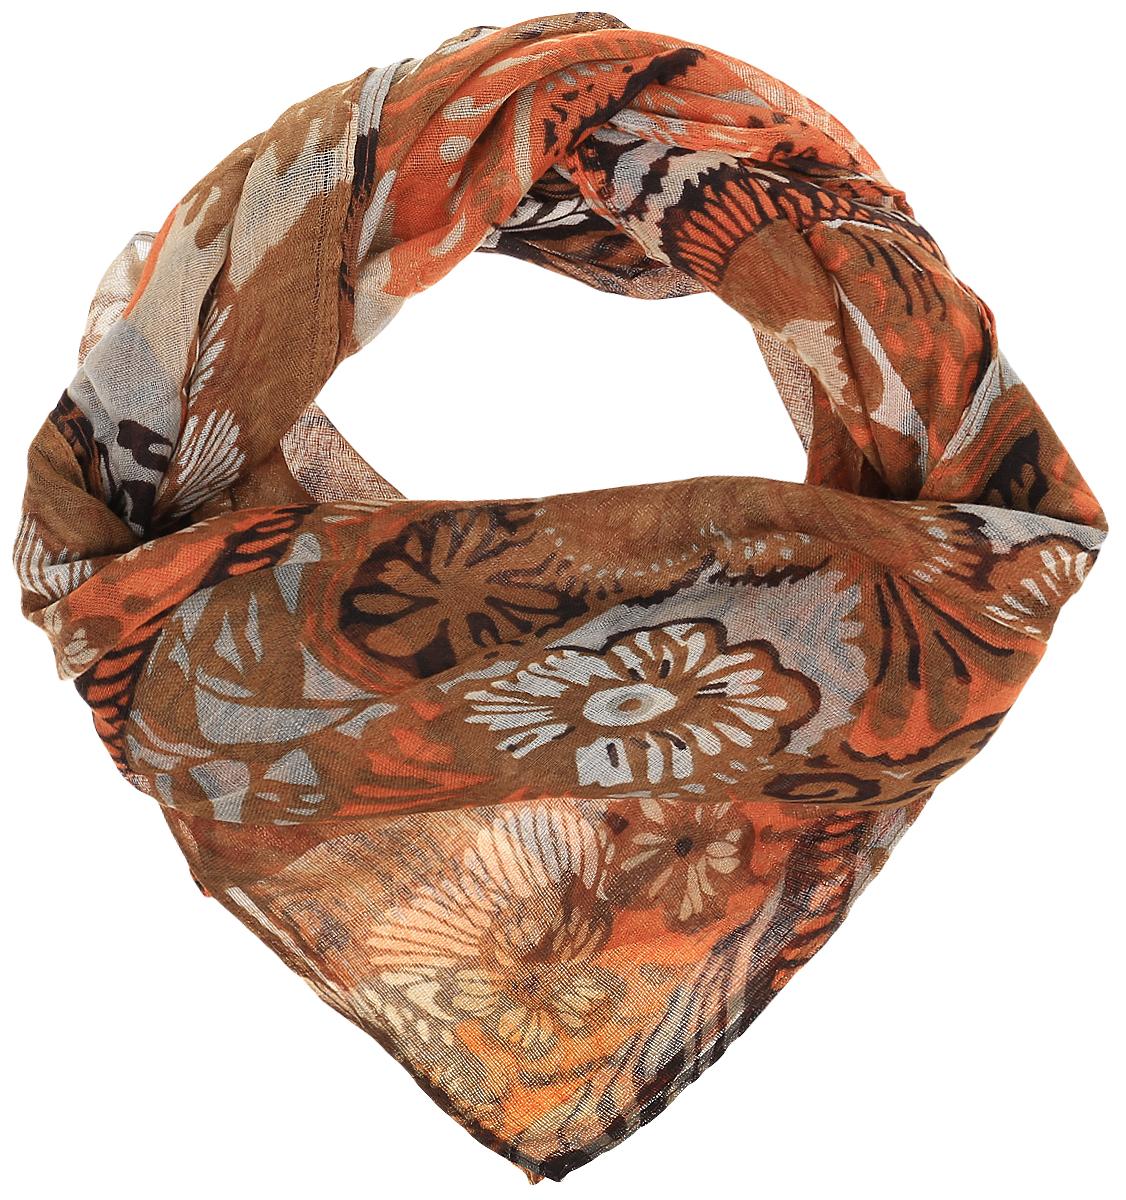 RoFC428-1/11-4Стильный женский платок Vita Pelle изготовлен из высококачественного хлопка с добавлением полиэстера и модала. Платок оформлен крупным цветочным принтом. Край отделан швом американка.